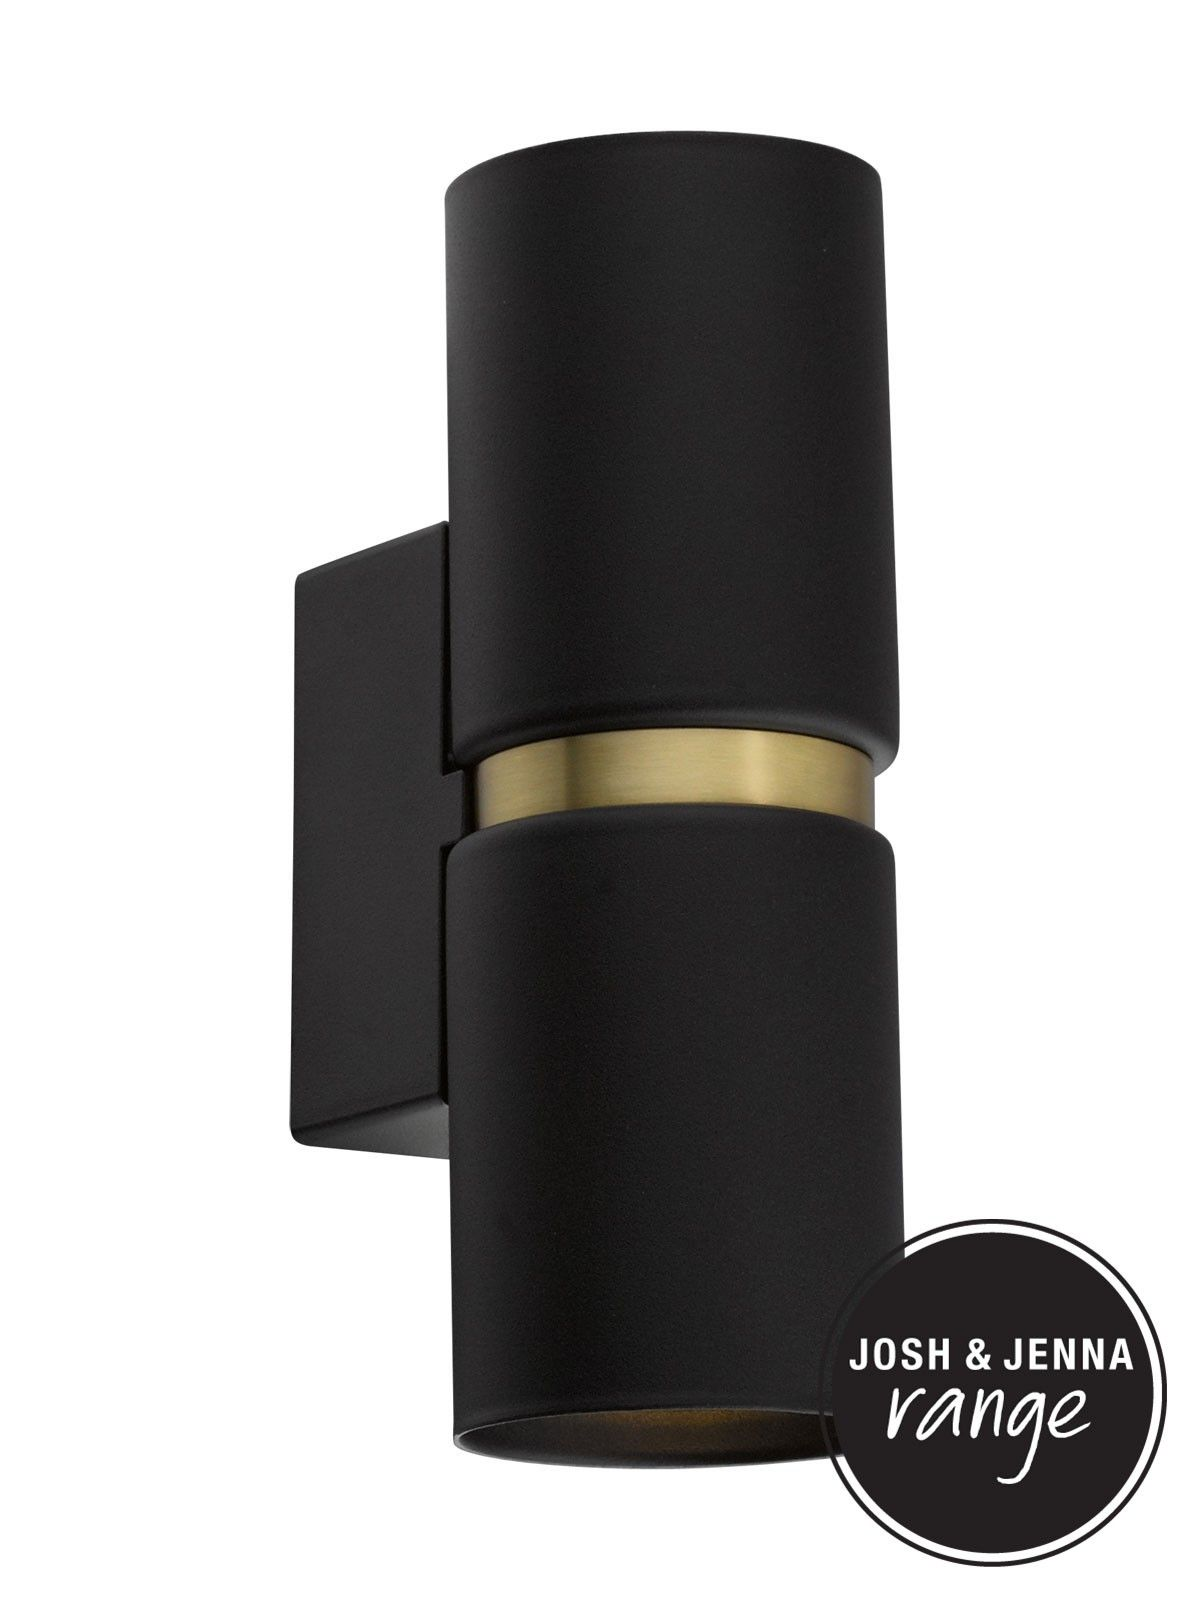 Baristo 2 Light Up Down Round Wall Bracket In Black Brass